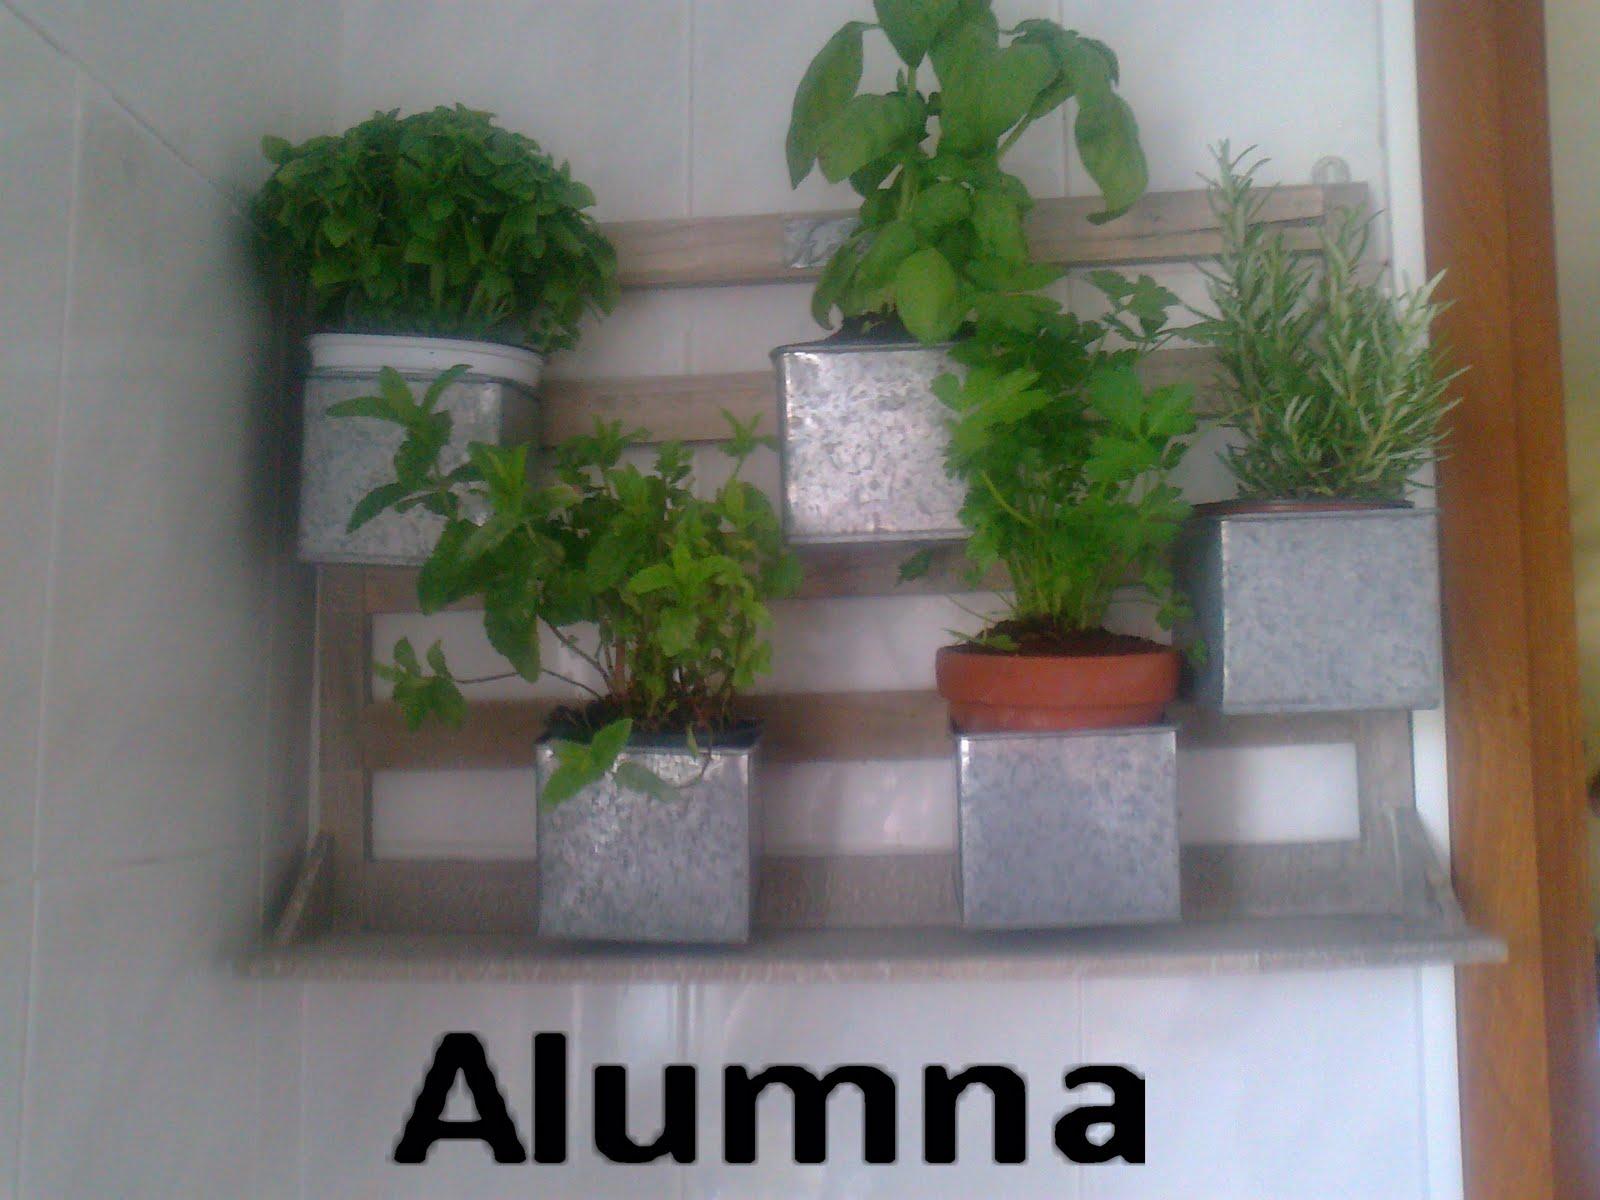 Mis plantas arom ticas en la cocina mi bit cora - Plantas aromaticas en la cocina ...